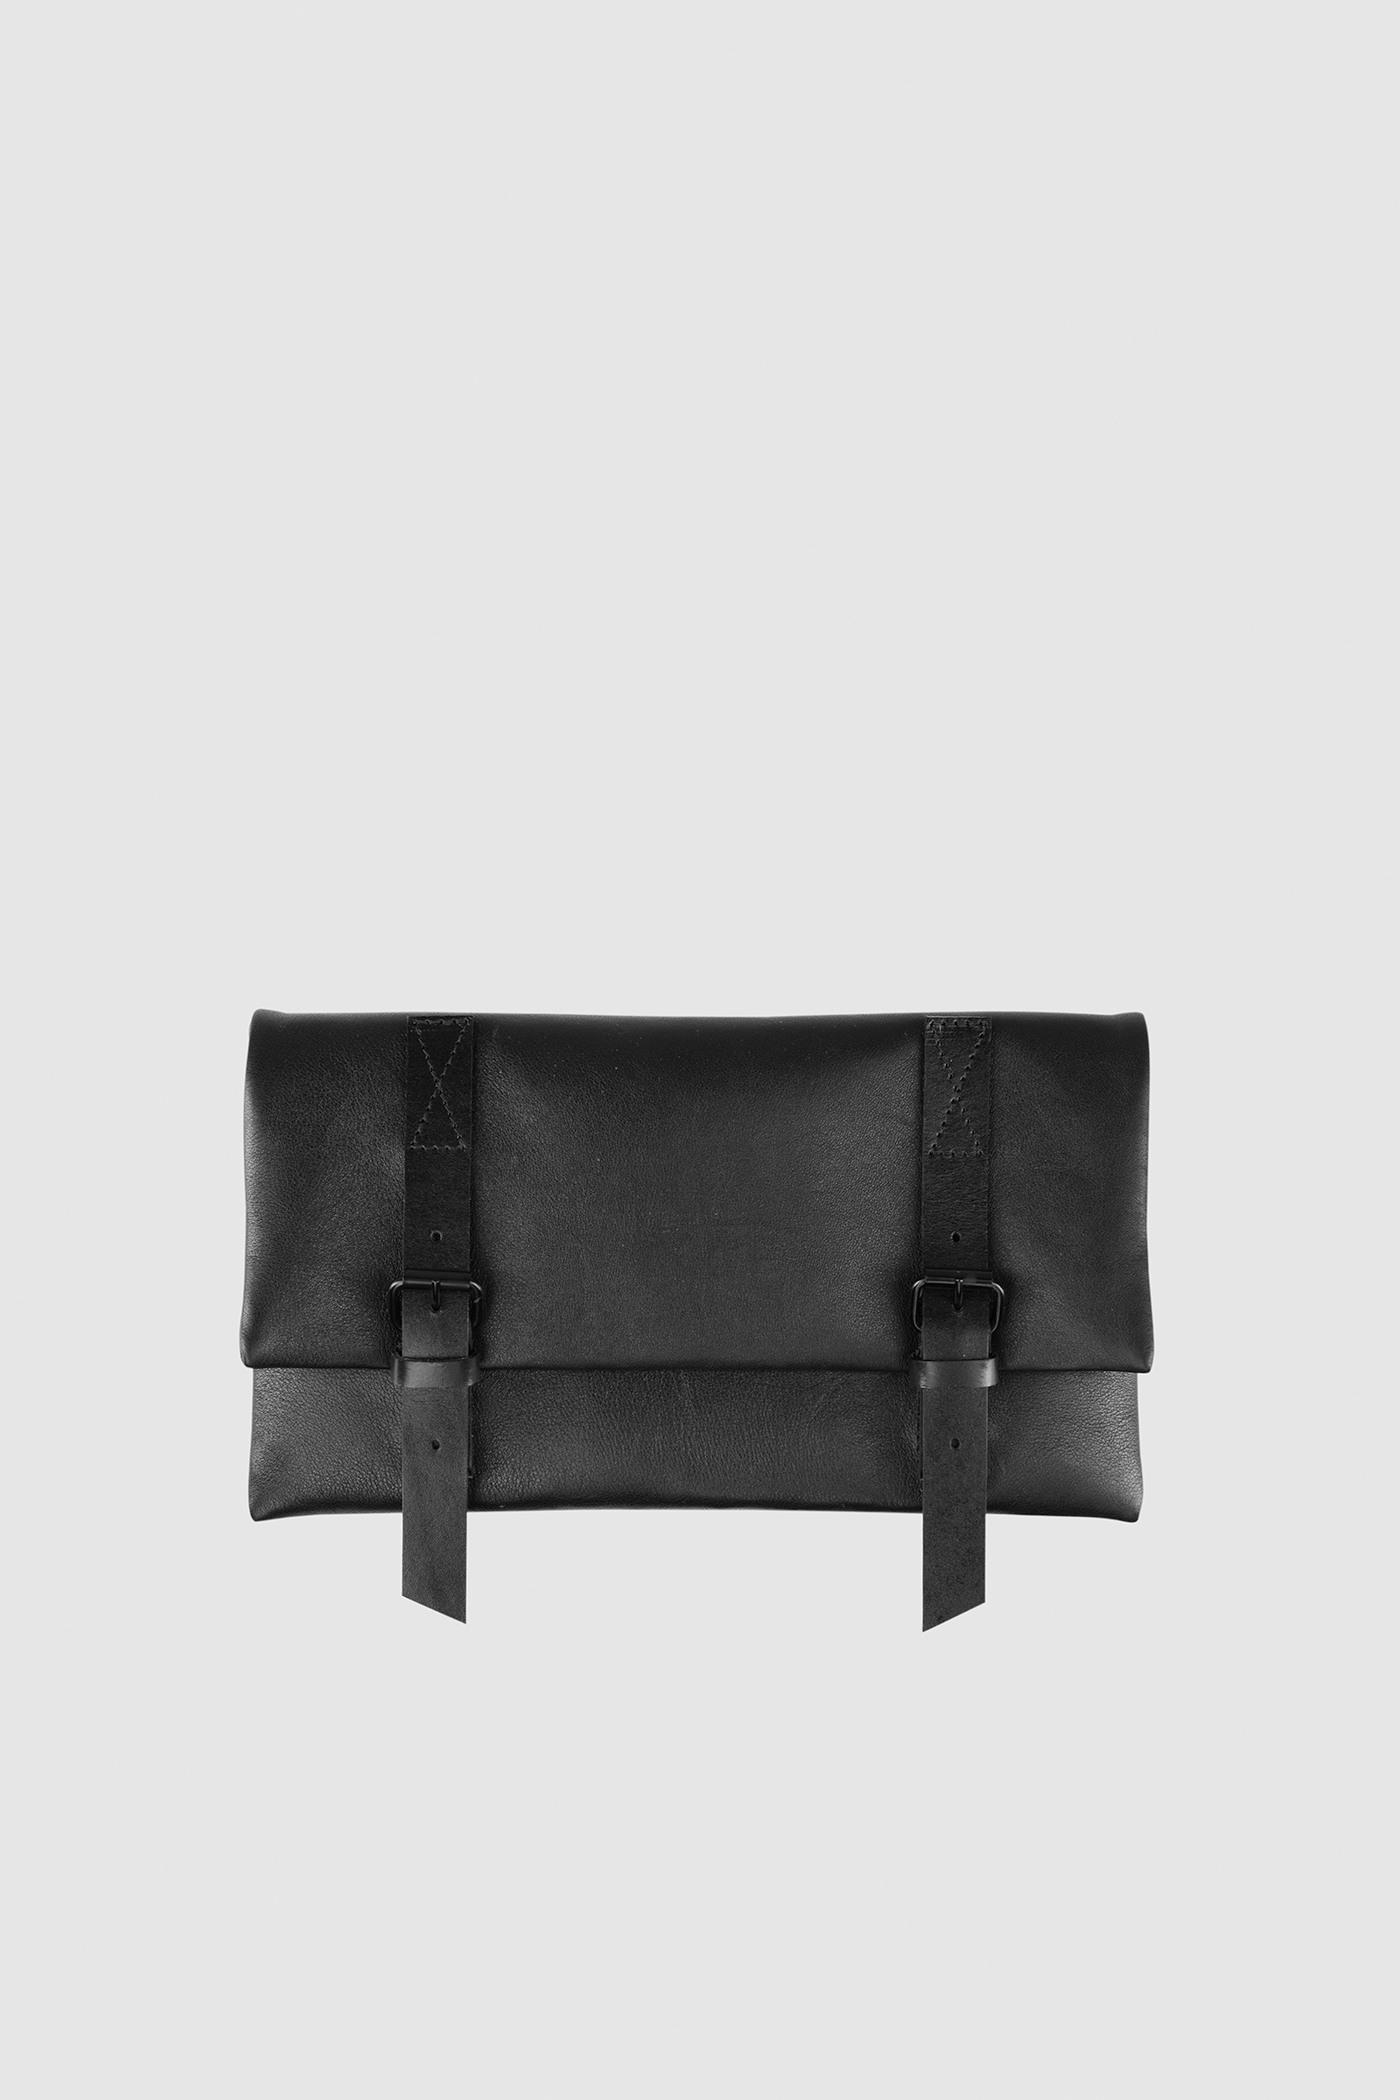 КлатчКлатч из гладкой мягкой кожи с полированной фурнитурой черного цвета застегивается на потайные замки-магниты. Внутреннее отделение на подкладке с разделенным карманом застегивается на молнию. С одной стороны расположен маленький карман, а с другой — карман для пластиковых карт. Тонкий съемный ремешок в виде шнурка. Прилагается чехол для хранения.&#13;<br>&#13;<br>Кожа: КРС.&#13;<br>&#13;<br>Размеры&#13;<br>Высота: 15 см&#13;<br>Длина: 26 см&#13;<br>Глубина: max 4 см&#13;<br>Высота ремешка: 120 см<br><br>Цвет: Черный, Коричневый